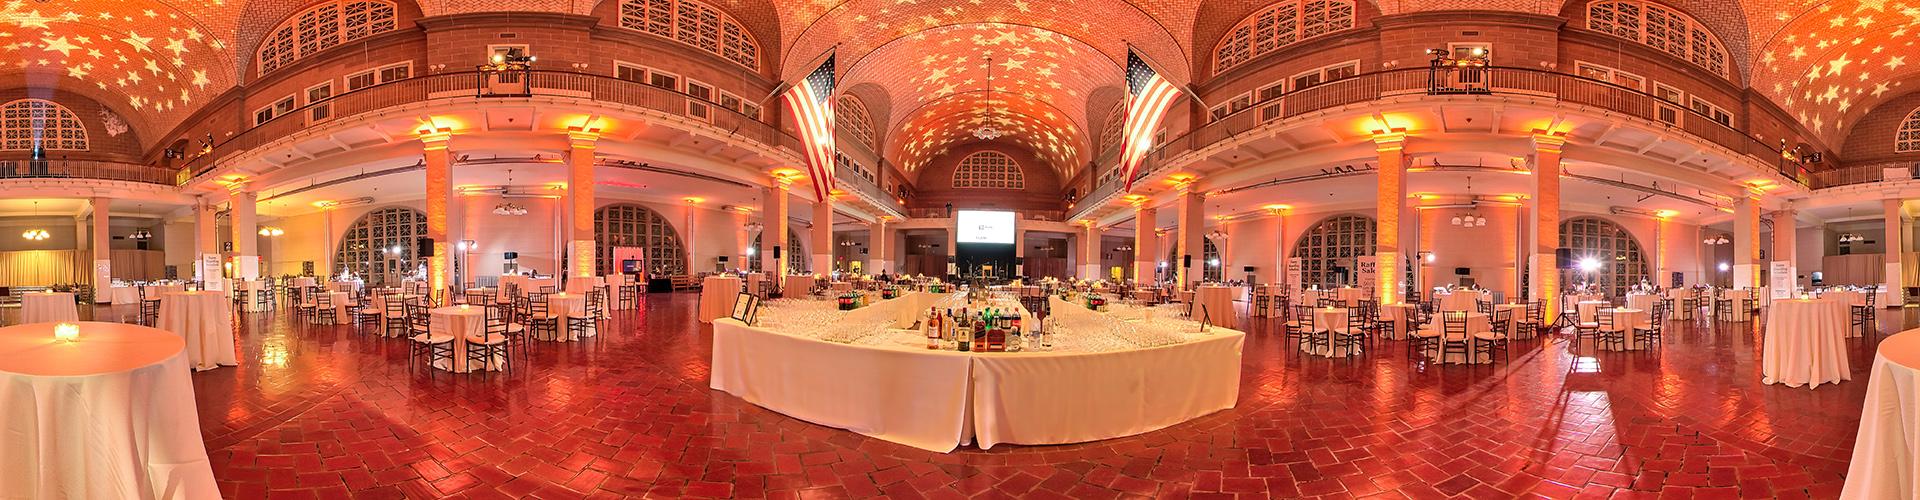 Ellis Island Registry Room Cocktail by 360SiteVisit